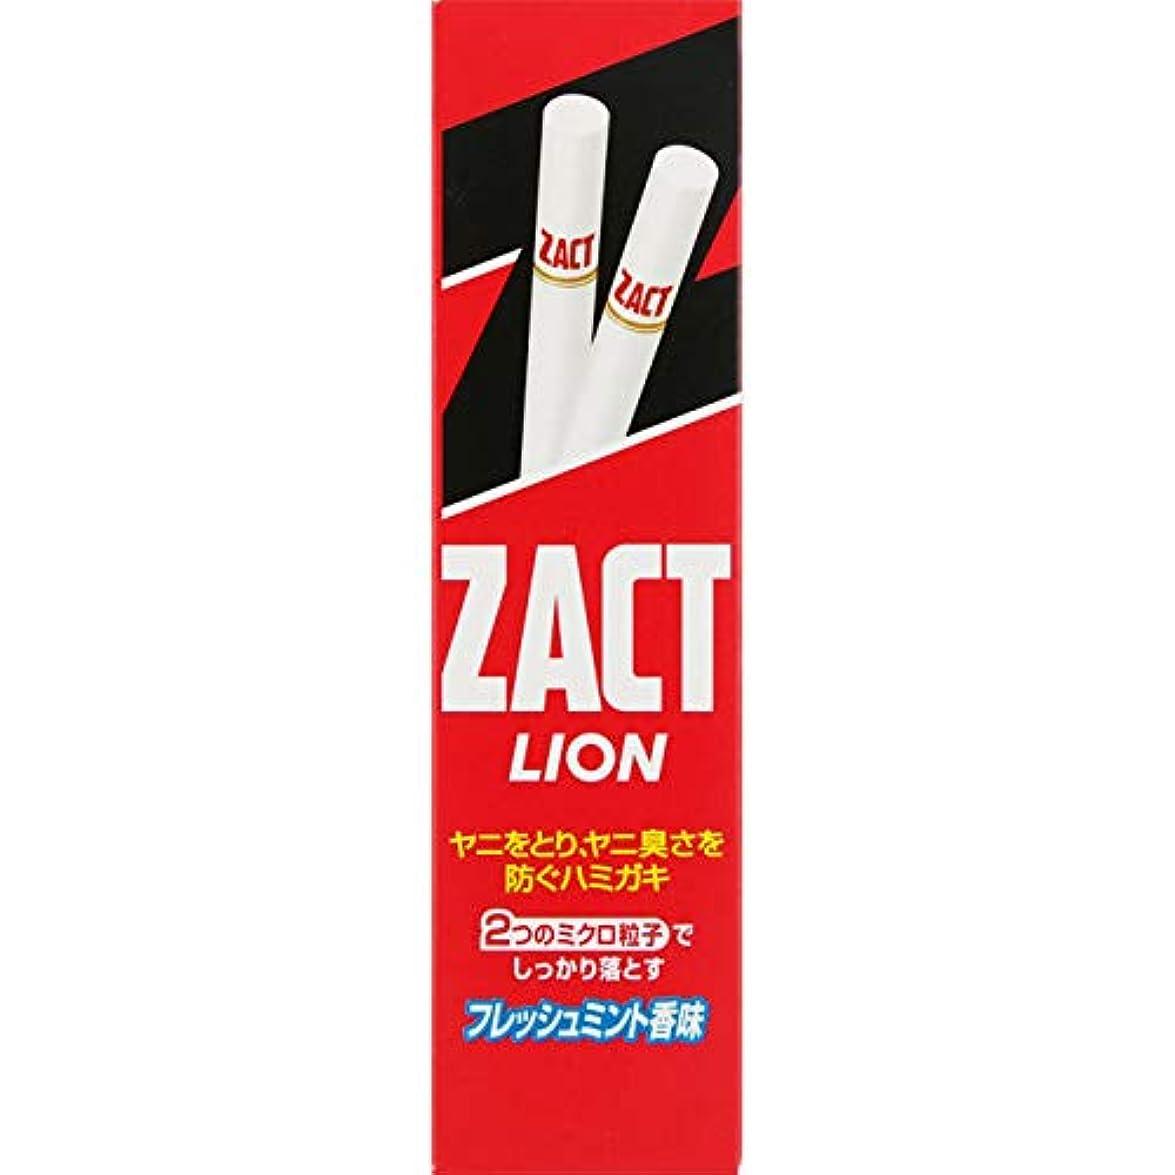 ライオン ザクト ライオン 150g(医薬部外品)